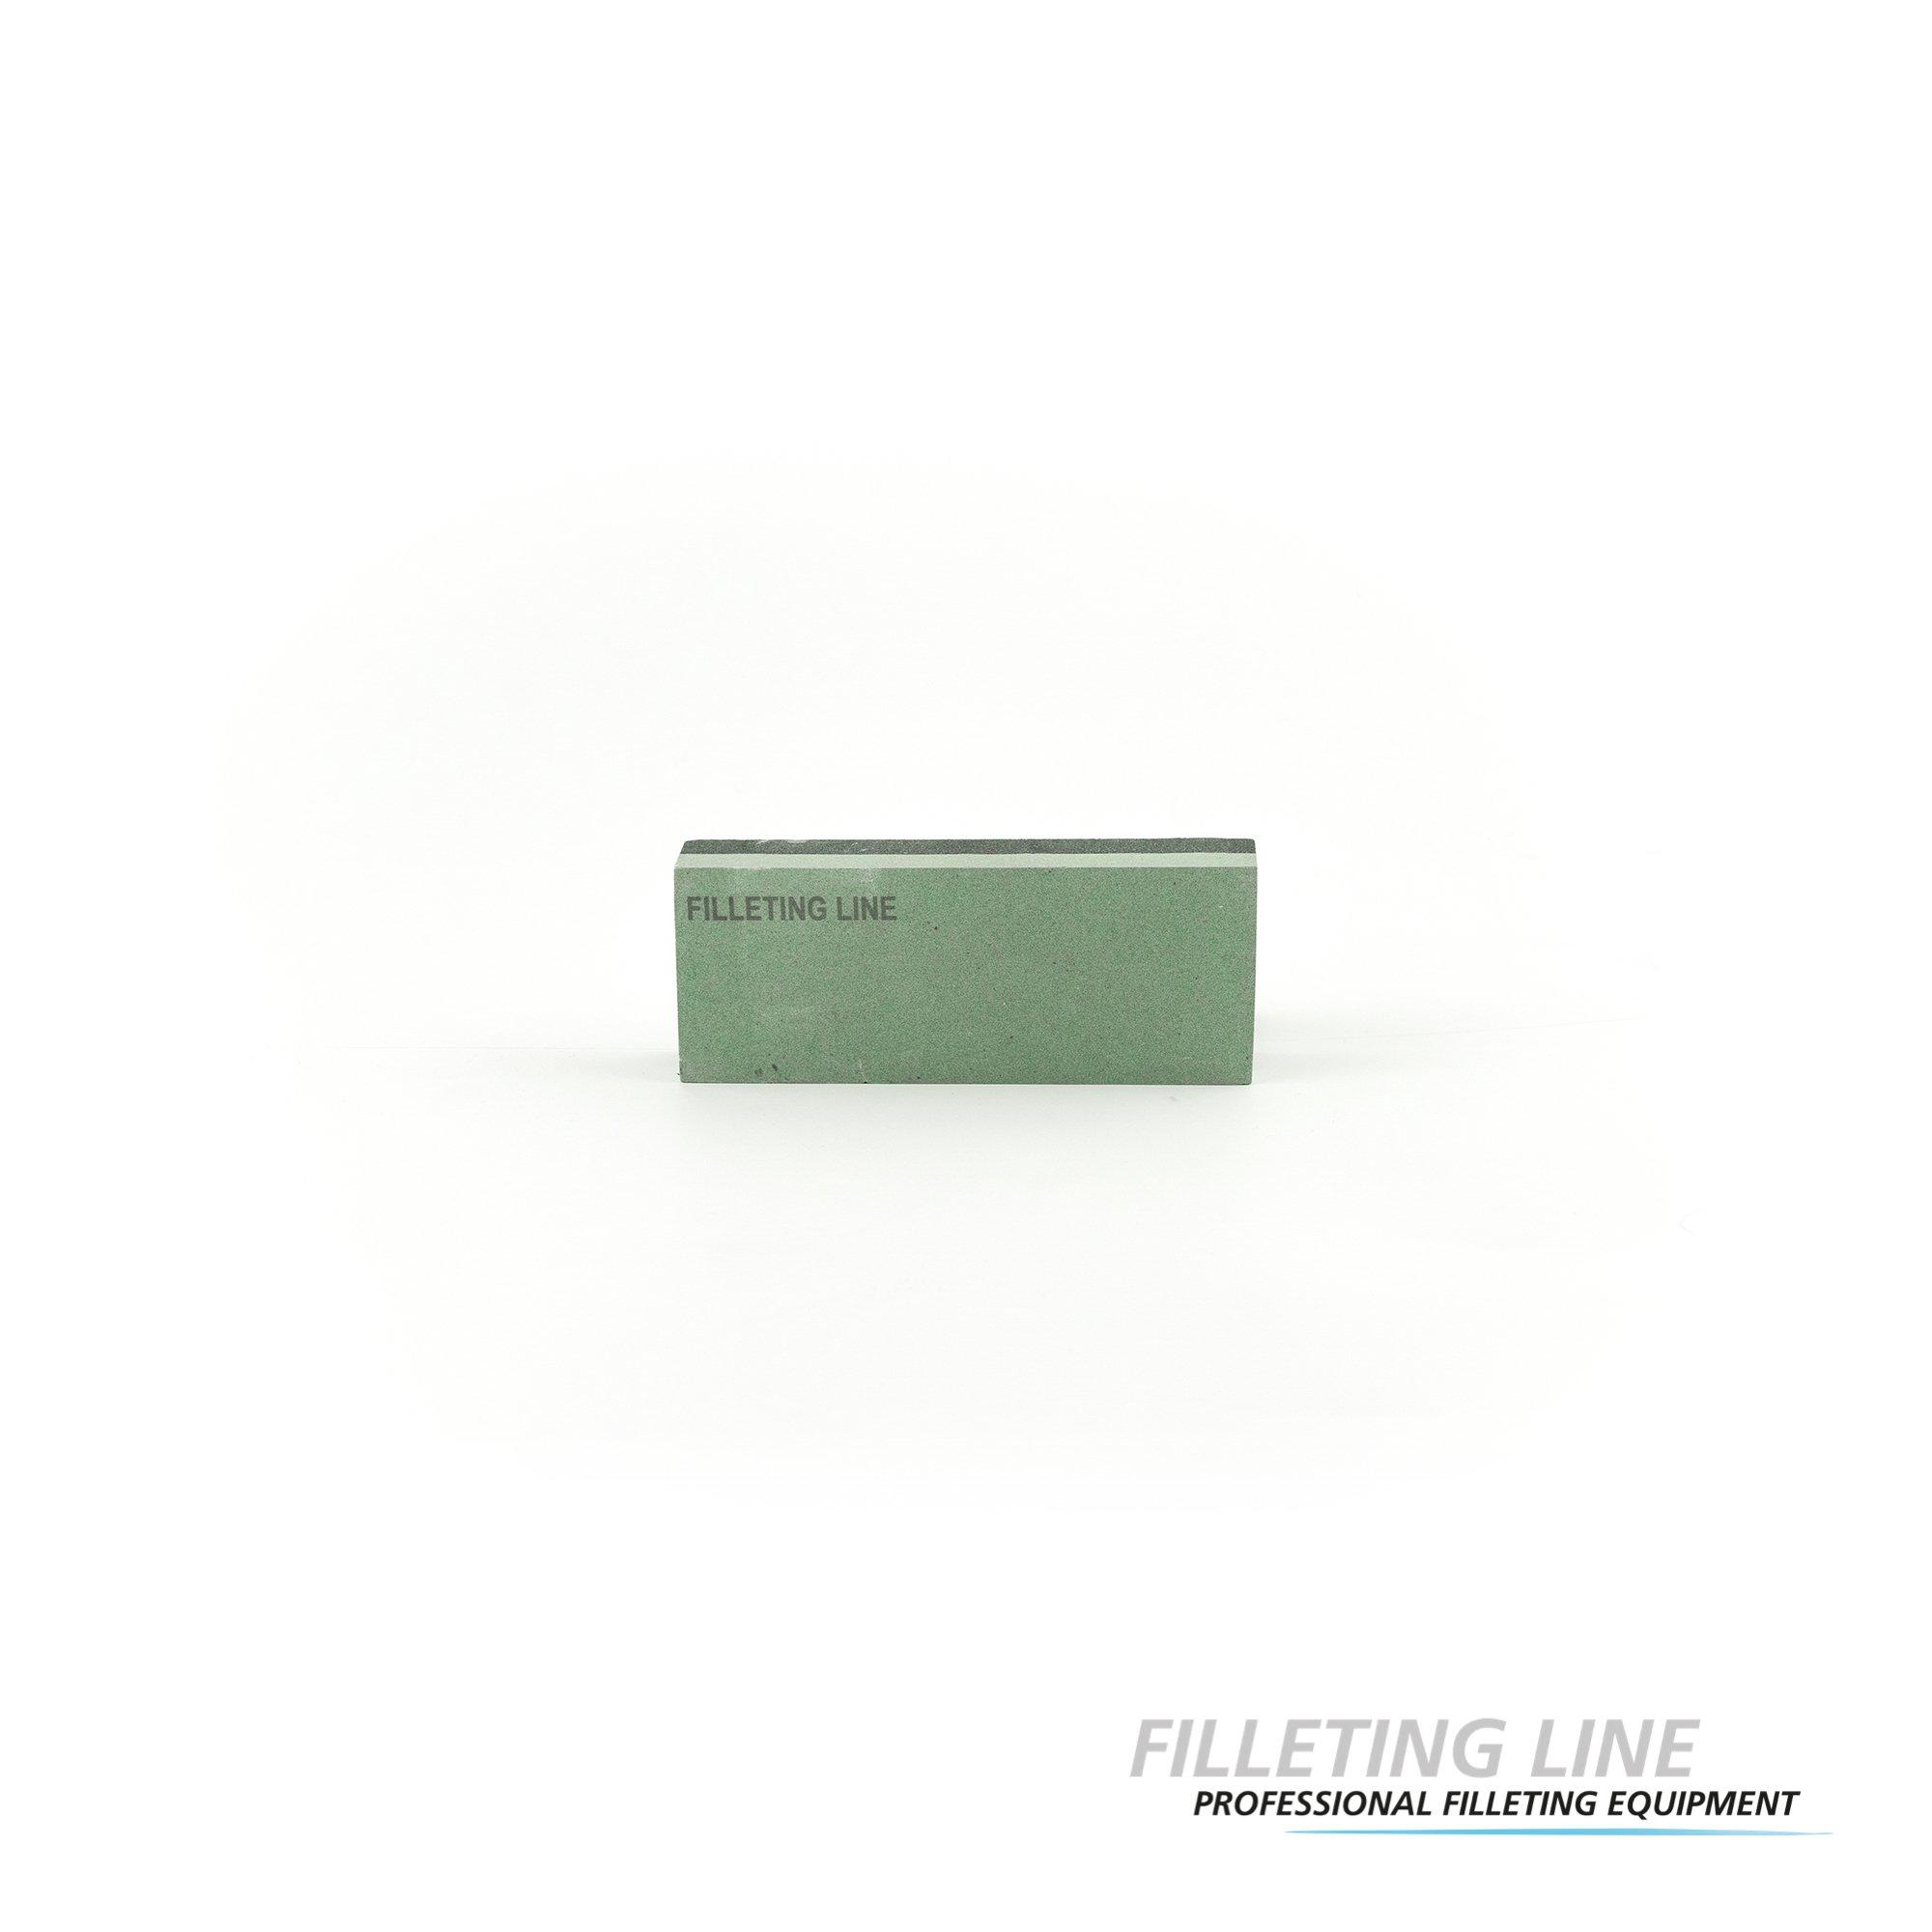 FILLETING LINE_2000x2000_RECHT_logo-18